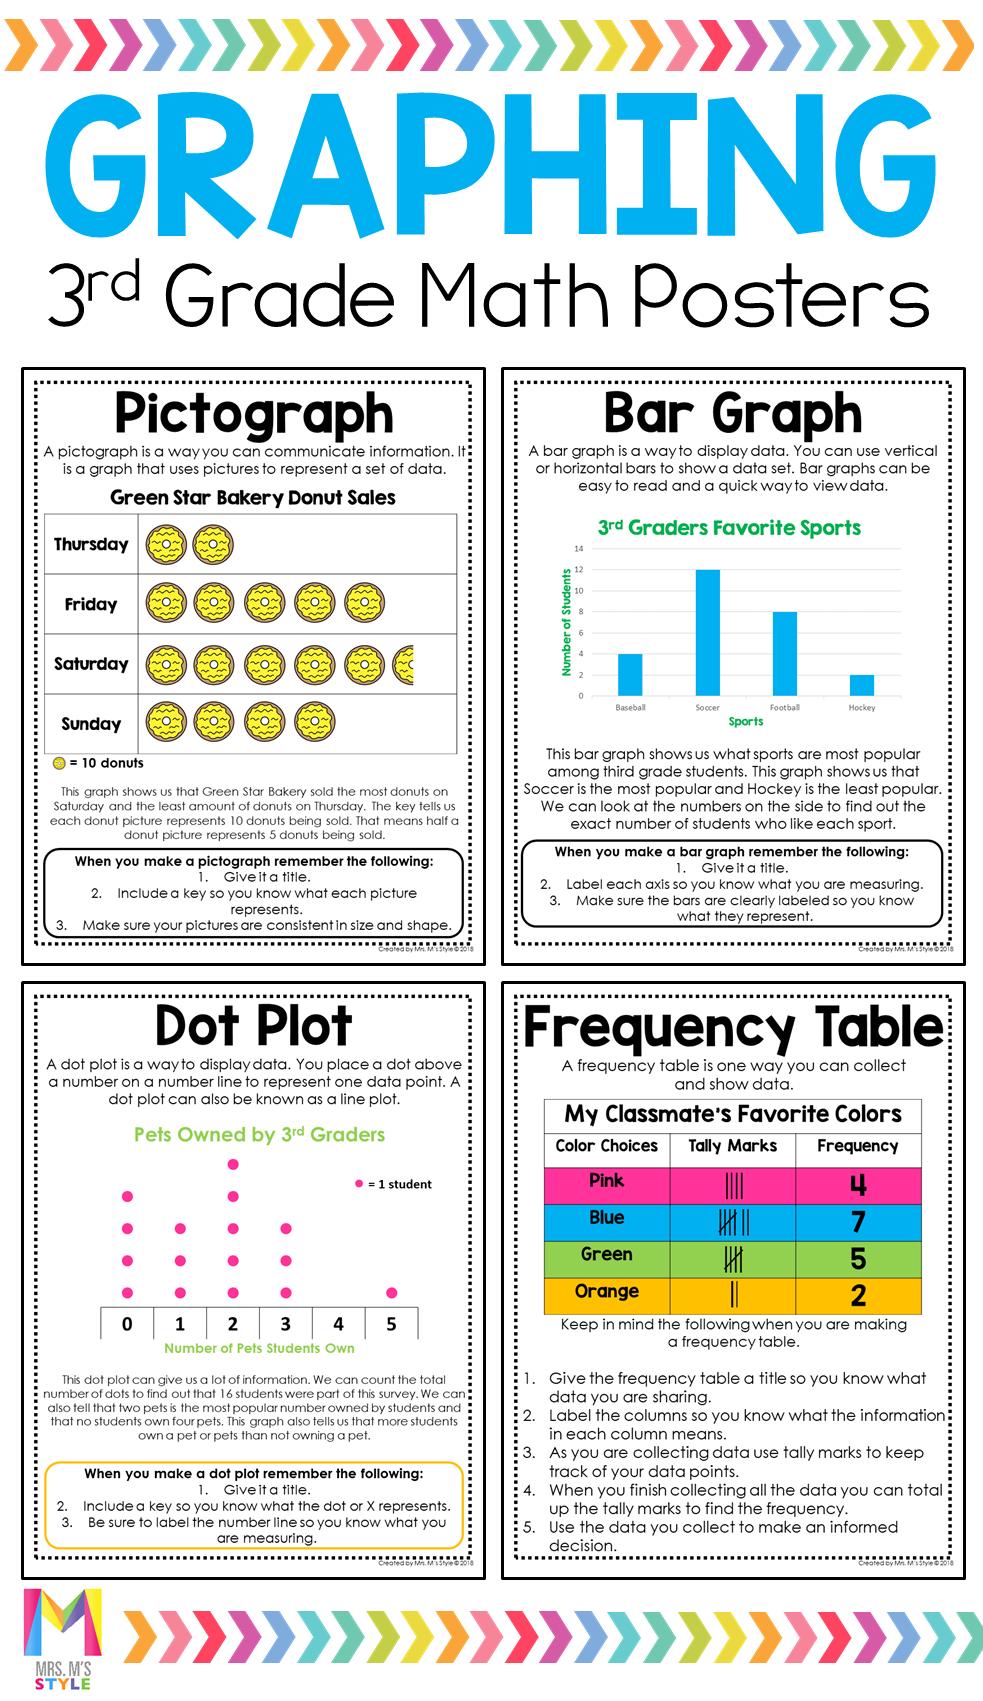 3rd Grade Math Posters   3rd grade math [ 1701 x 983 Pixel ]